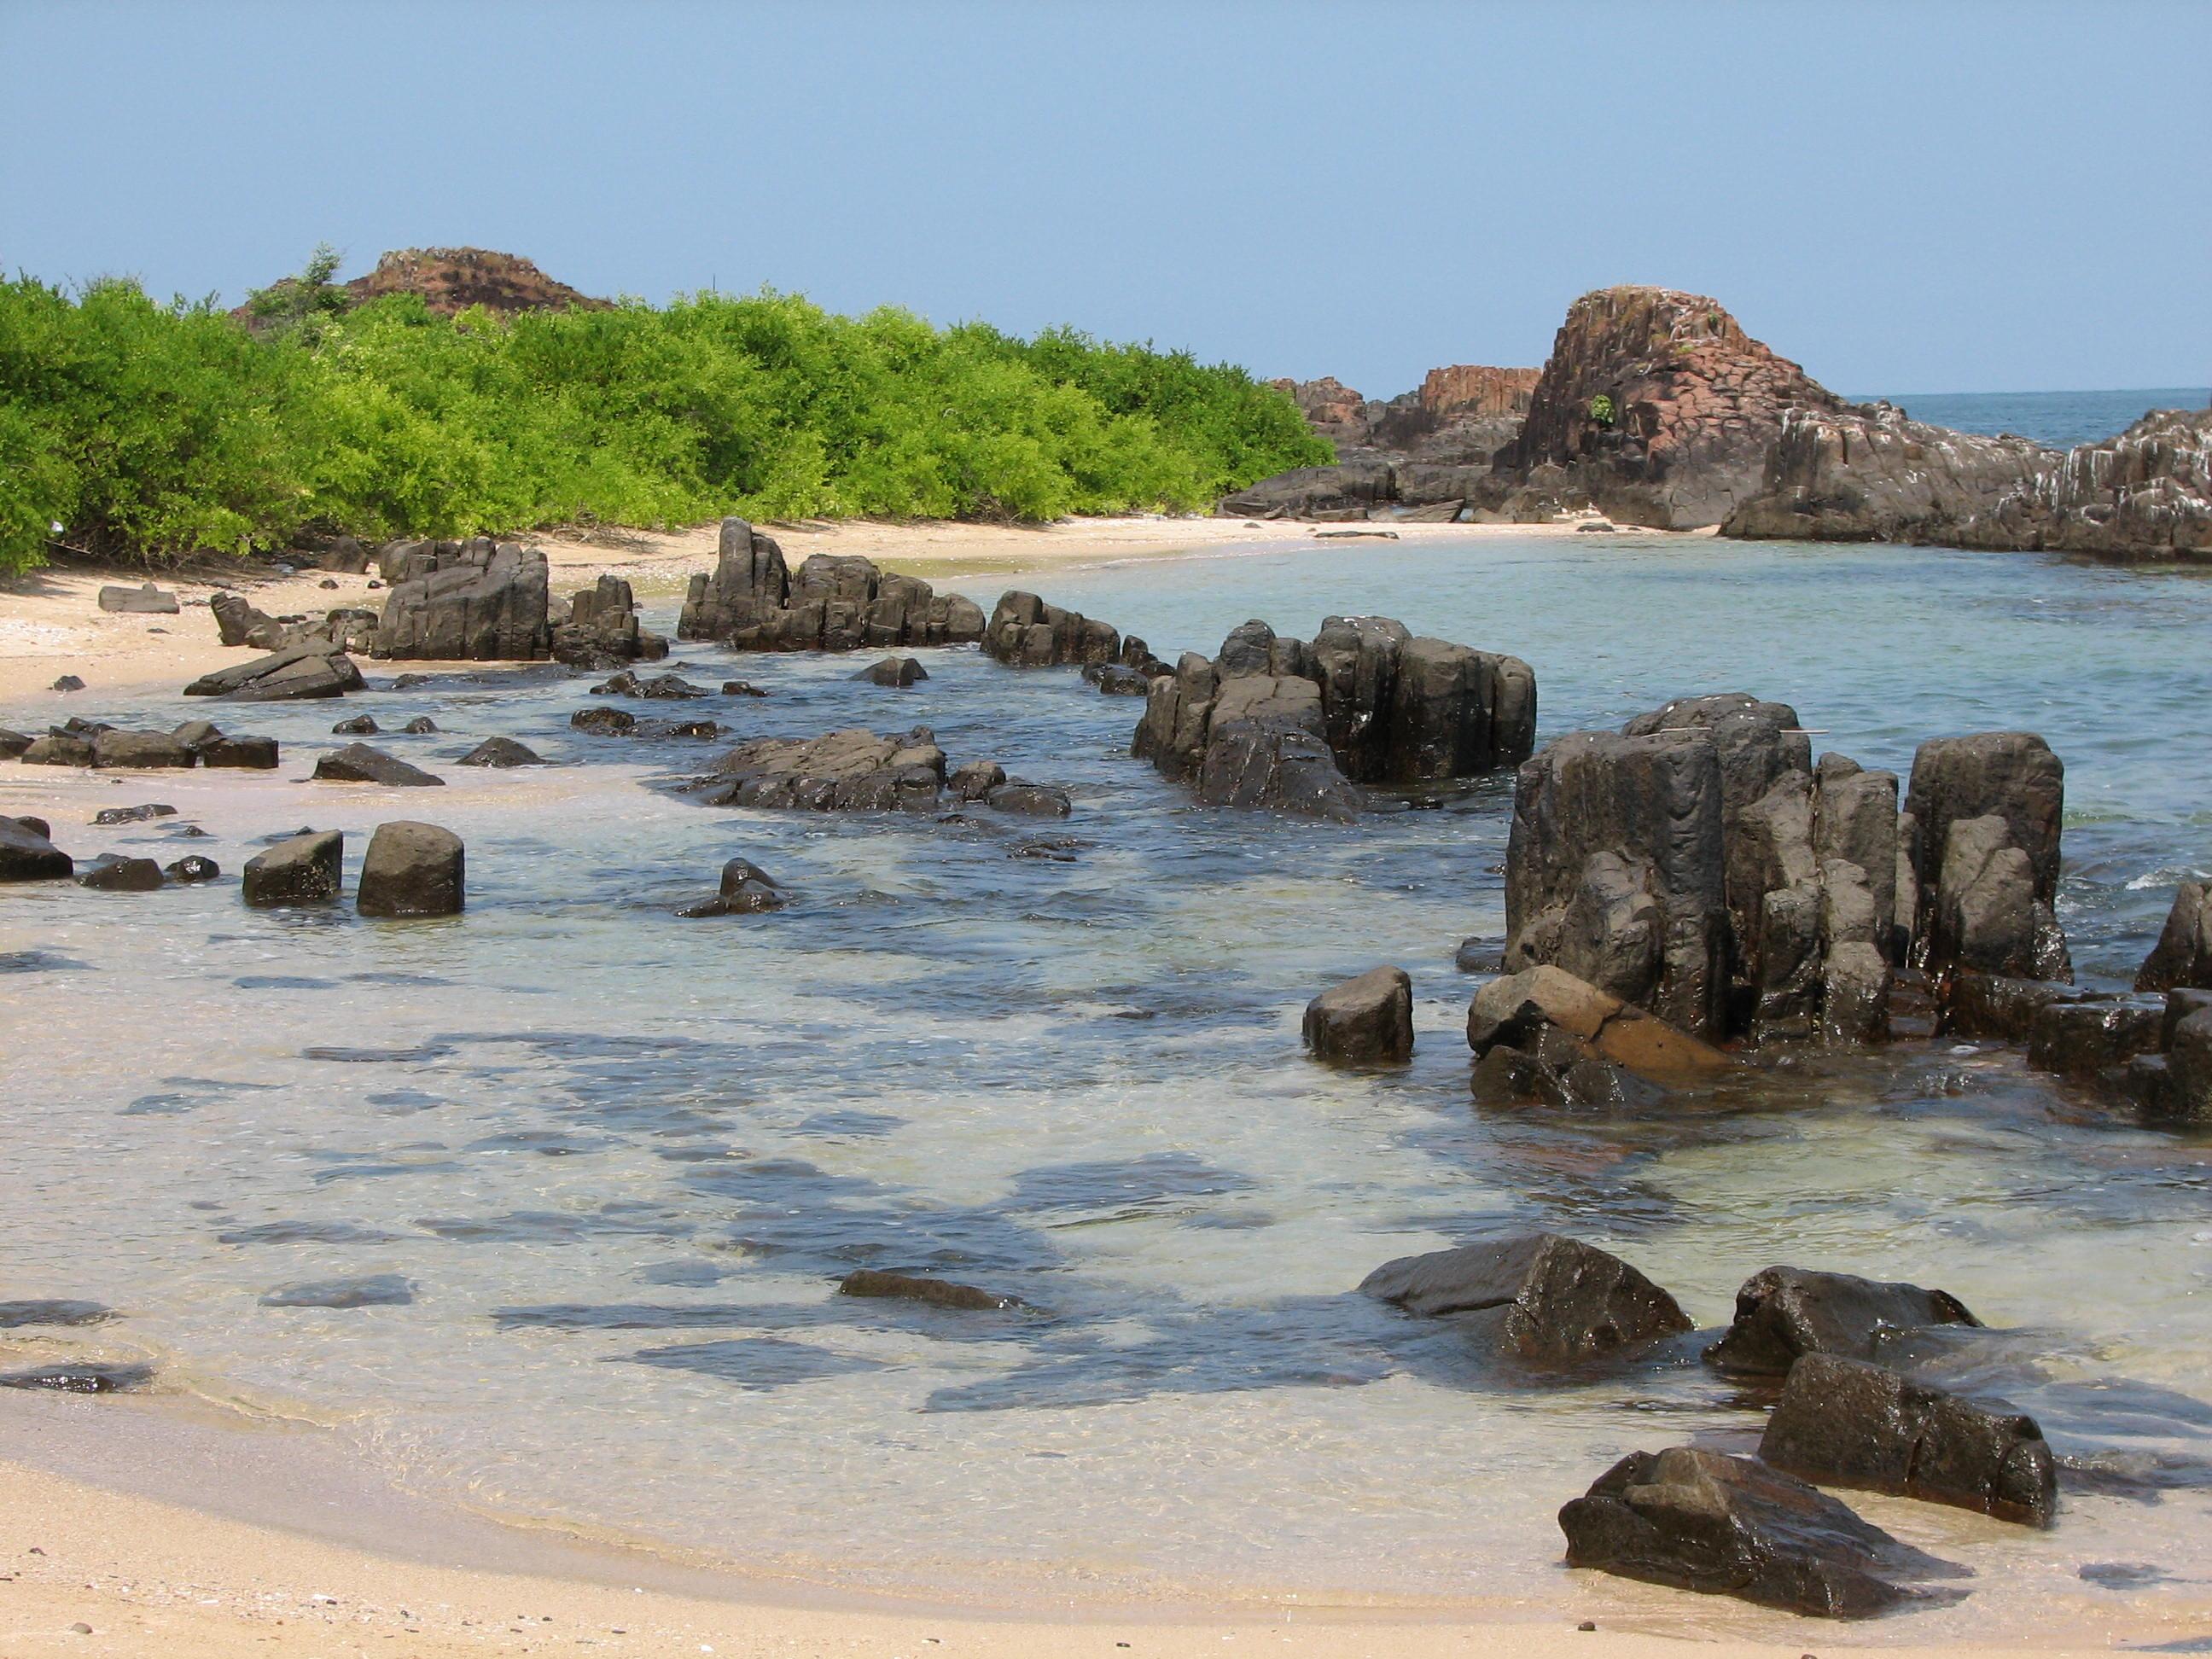 St. Mary's Island - Malpe - Udupi Image